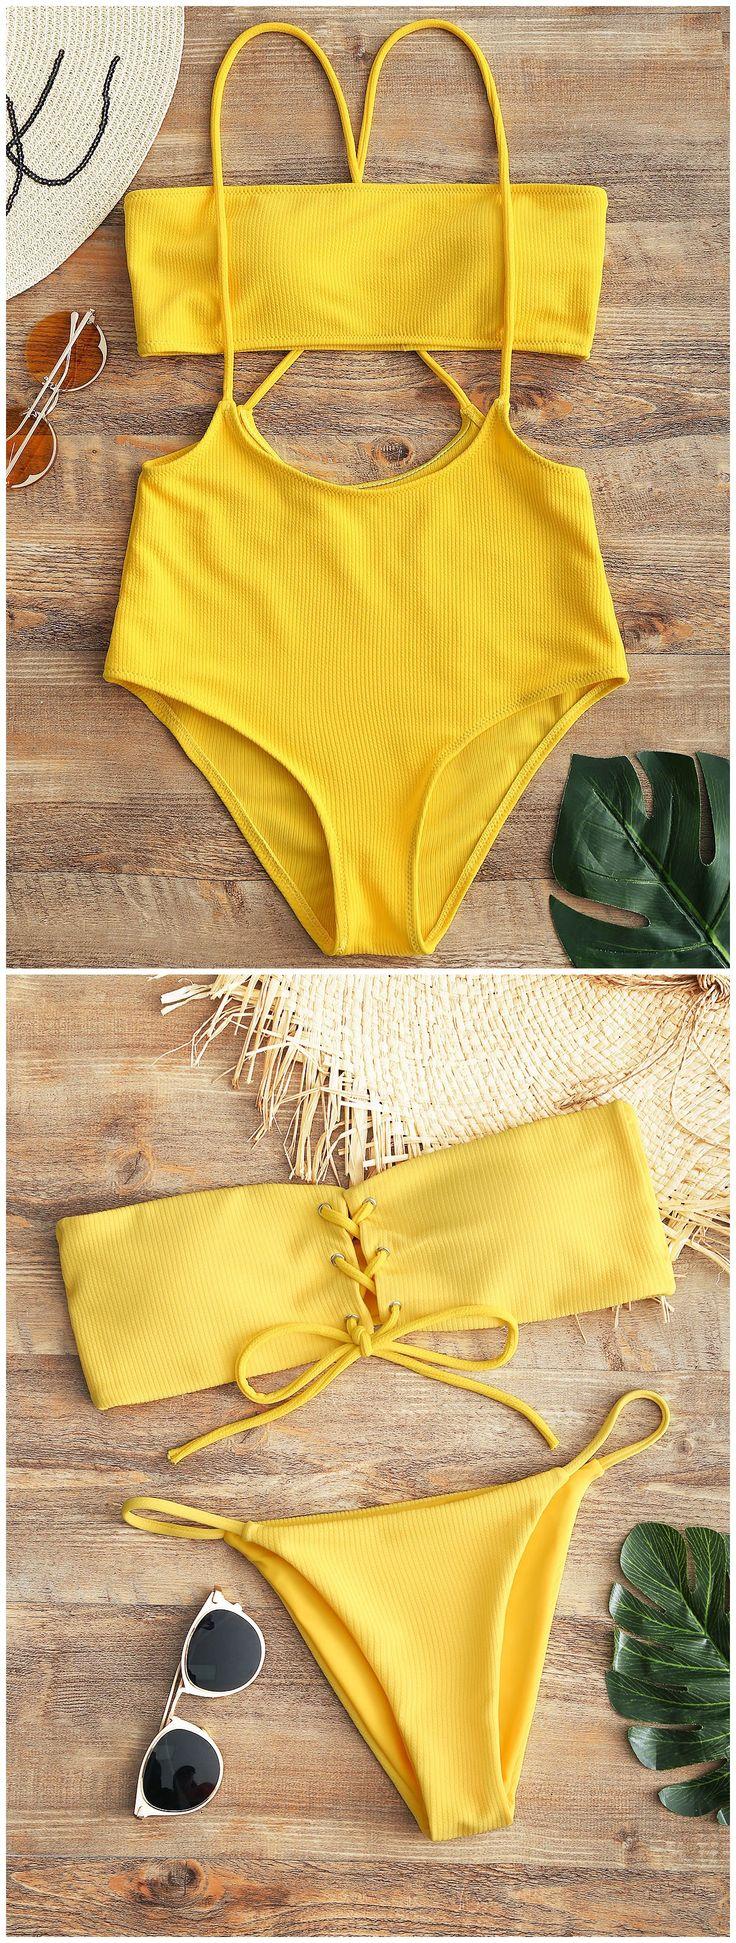 de02a341ccd8a48401f4972b37ee4b59 - Up to 80% OFF! Bandeau Lace Up Bikini Top And Thong Bottoms. #Zaful #Swimwear #B...